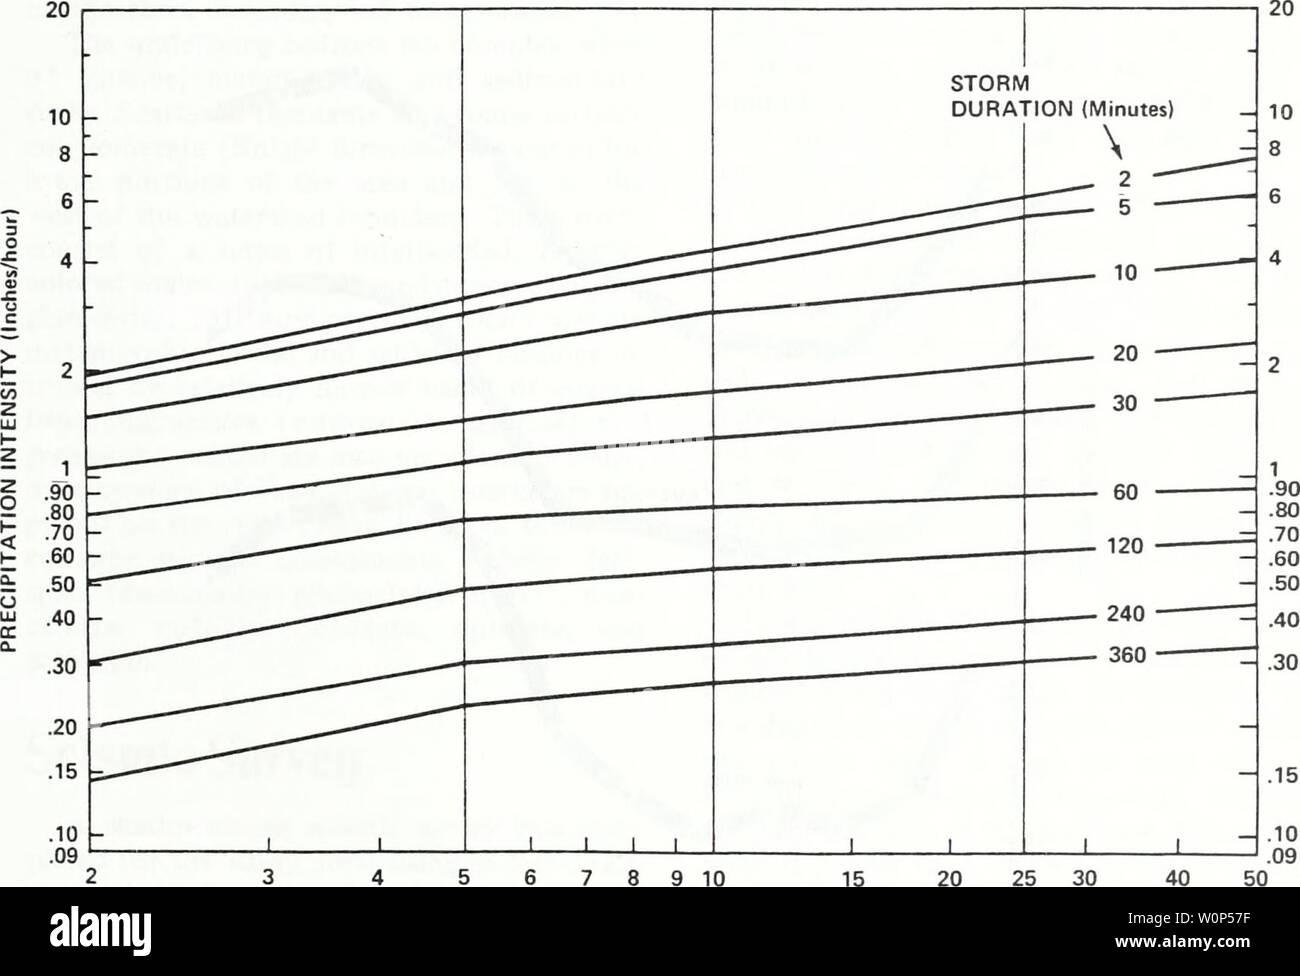 Immagine di archivio da pagina 12 di descrizione e analisi di hydrologic del. Descrizione e analisi di hydrologic di due piccoli bacini idrografici in Utah's Montagne Wasatch descriptionhydro127Giovanni Anno: 1972 ly, precipitazioni invernali è molto uniforme; la precipitazione media varia solo uno-mezzo pollice al mese durante il dicembre-attraverso- Aprile periodo. L'agricoltore e Fletcher (1971) ha completato un'analisi dettagliata di tutte le intensità gage i record ottenuti da DCEW attraverso 1968; in alcune stazioni, questo incluso fino a trenta anni di rec- ords. Questi record ha fornito elementi di prova del fatto che la maggior parte le tempeste estive sono di meno di 6 ore d Immagini Stock